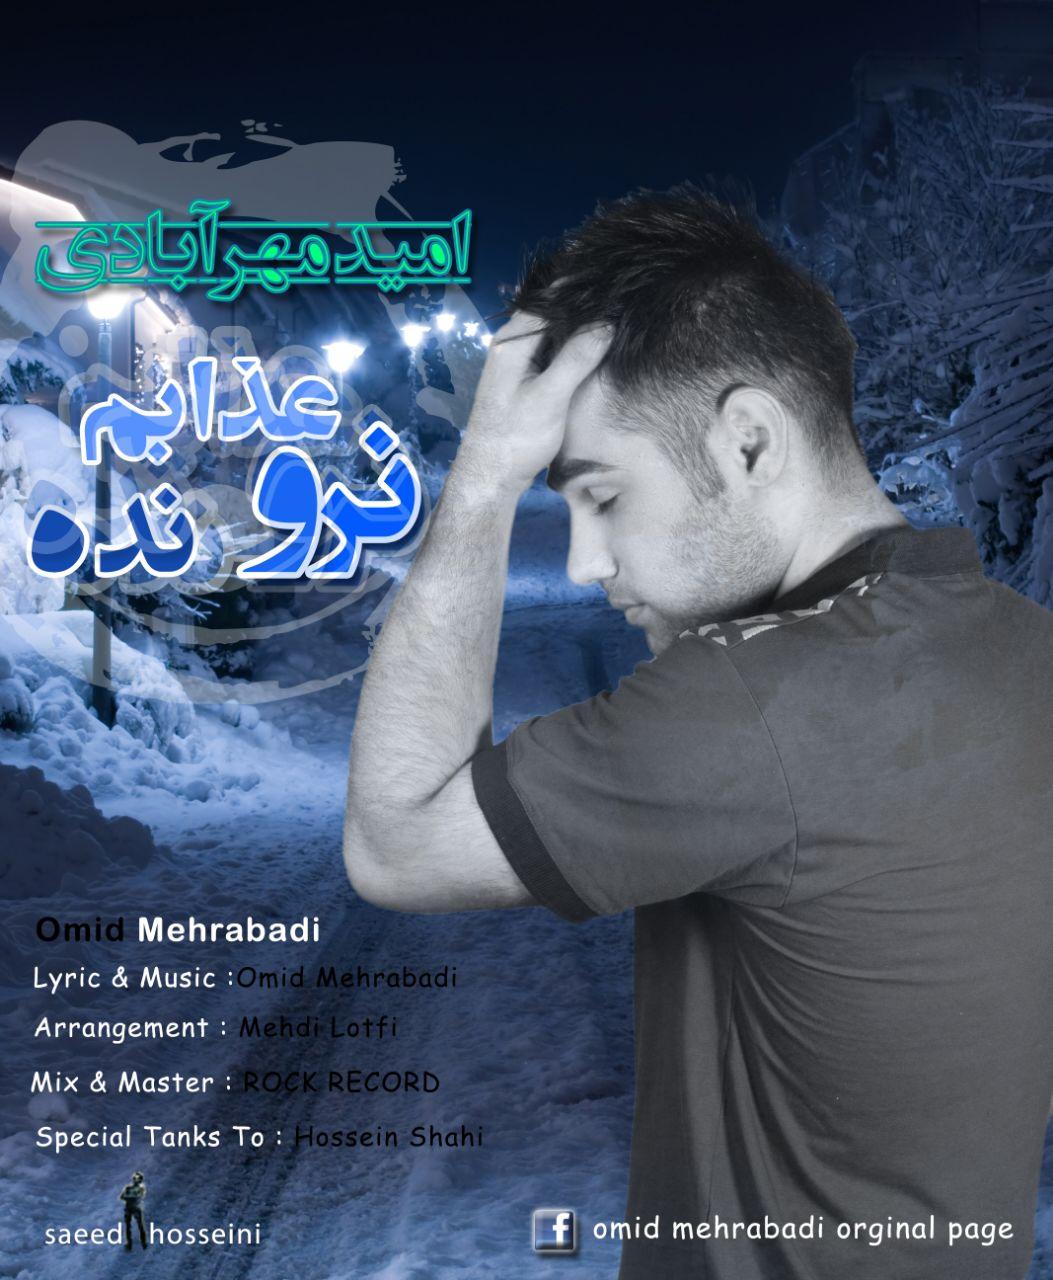 دانلود آهنگ جدید امید مهرآبادی به نام نرو عذابم نده